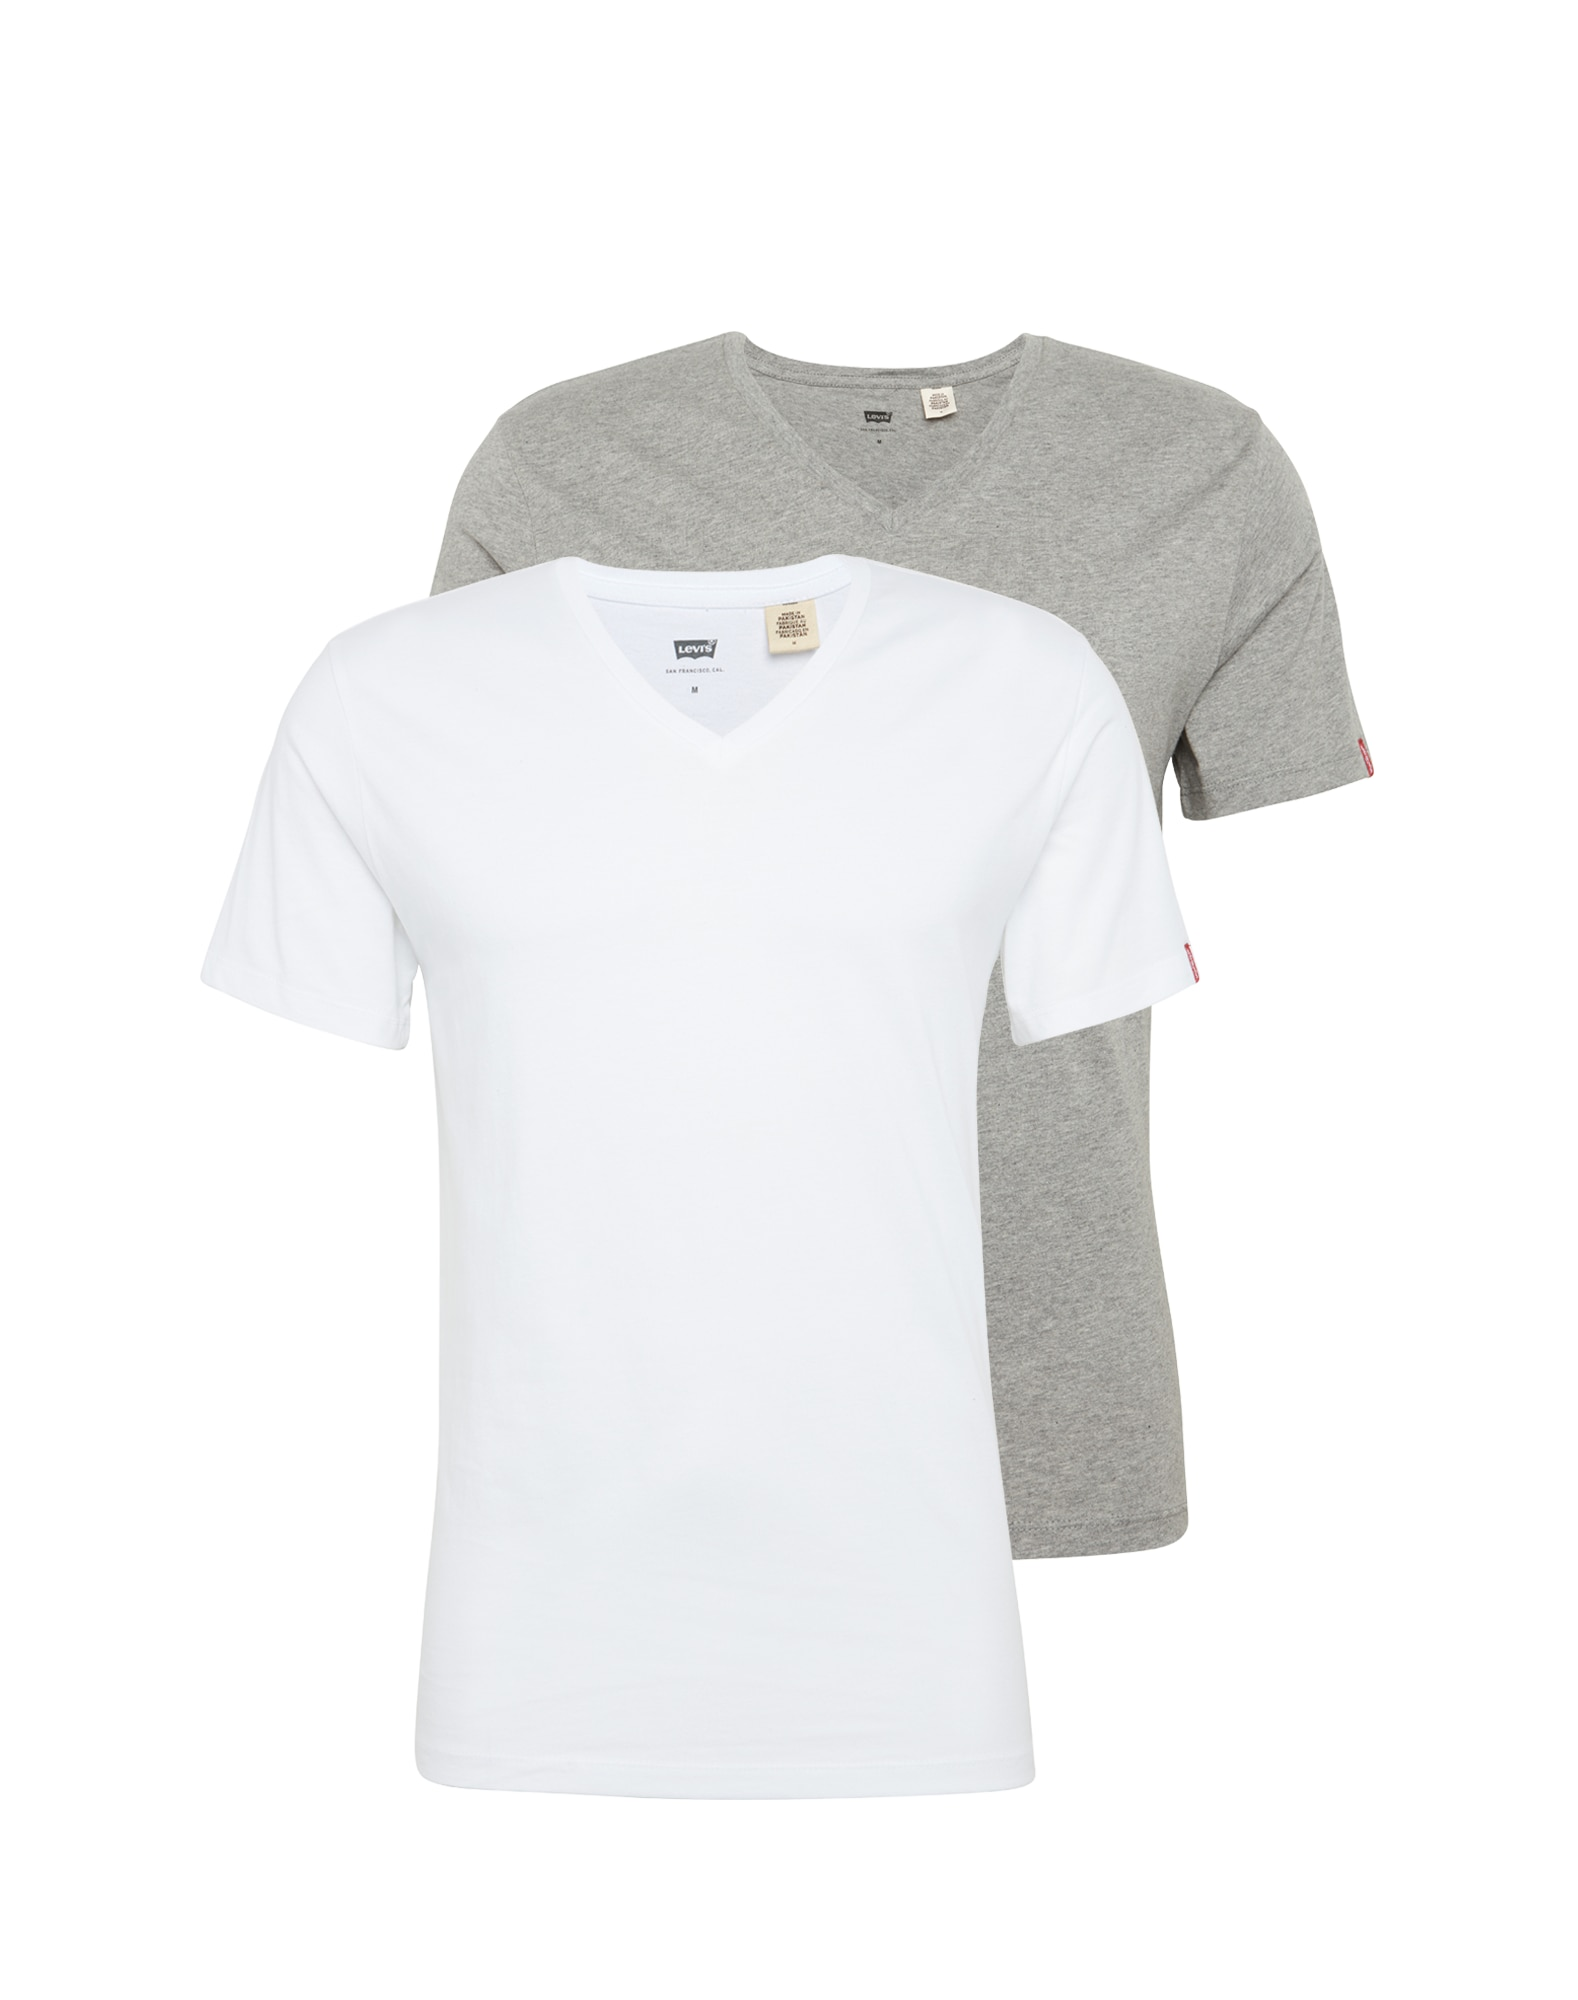 LEVI'S Heren Shirt SLIM 2 PACK V NECK TEE grijs gemêleerd wit